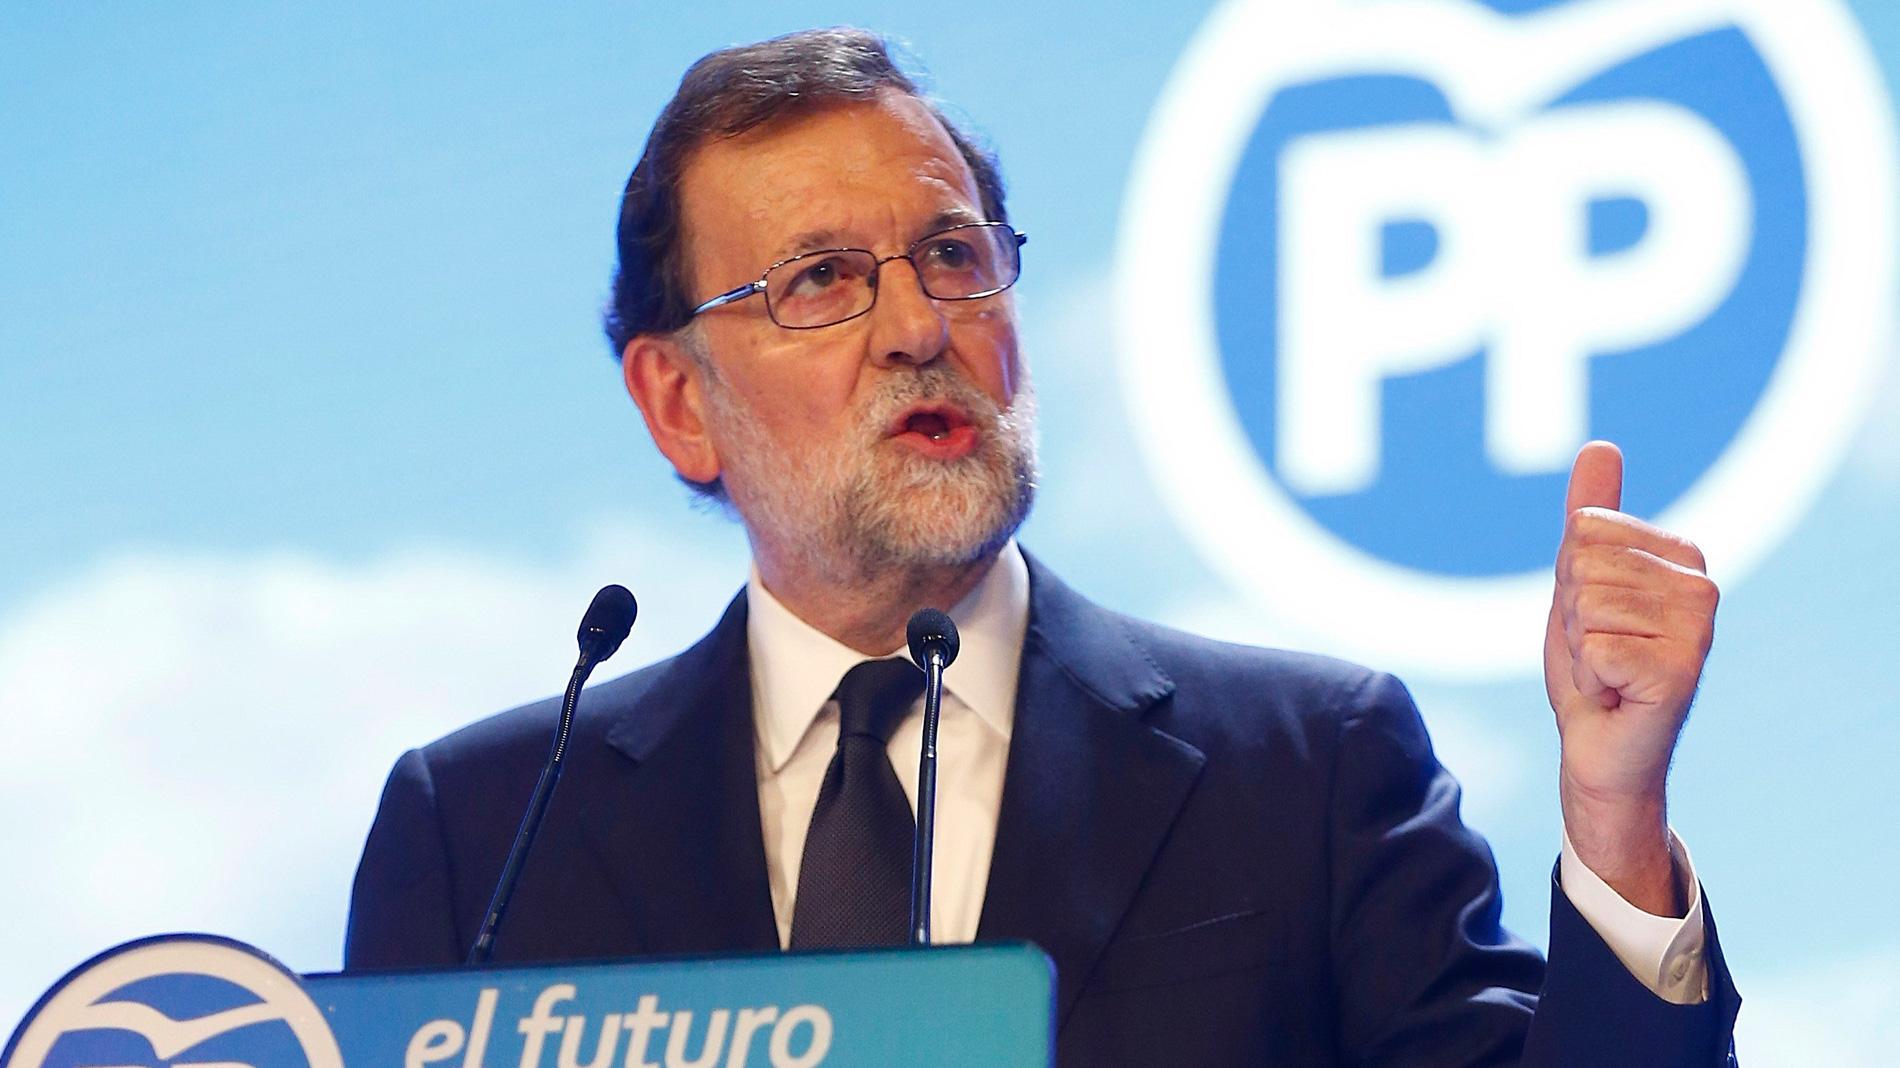 Congreso del PP | Discurso íntegro de Mariano Rajoy